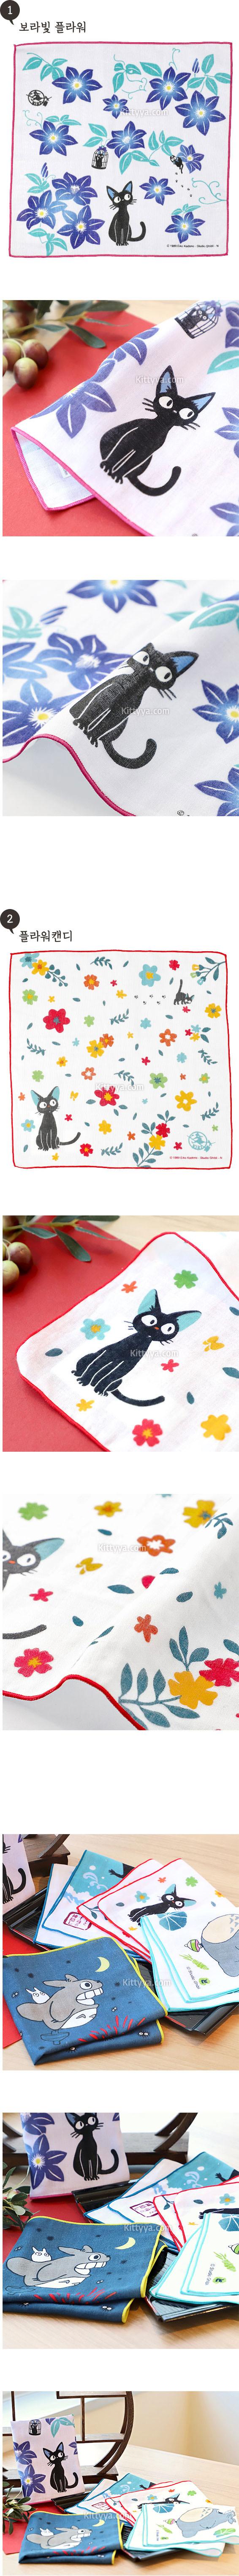 고양이 지지 가제 손수건 (2design) - 키티야, 9,200원, 넥타이/행커치프, 행커치프